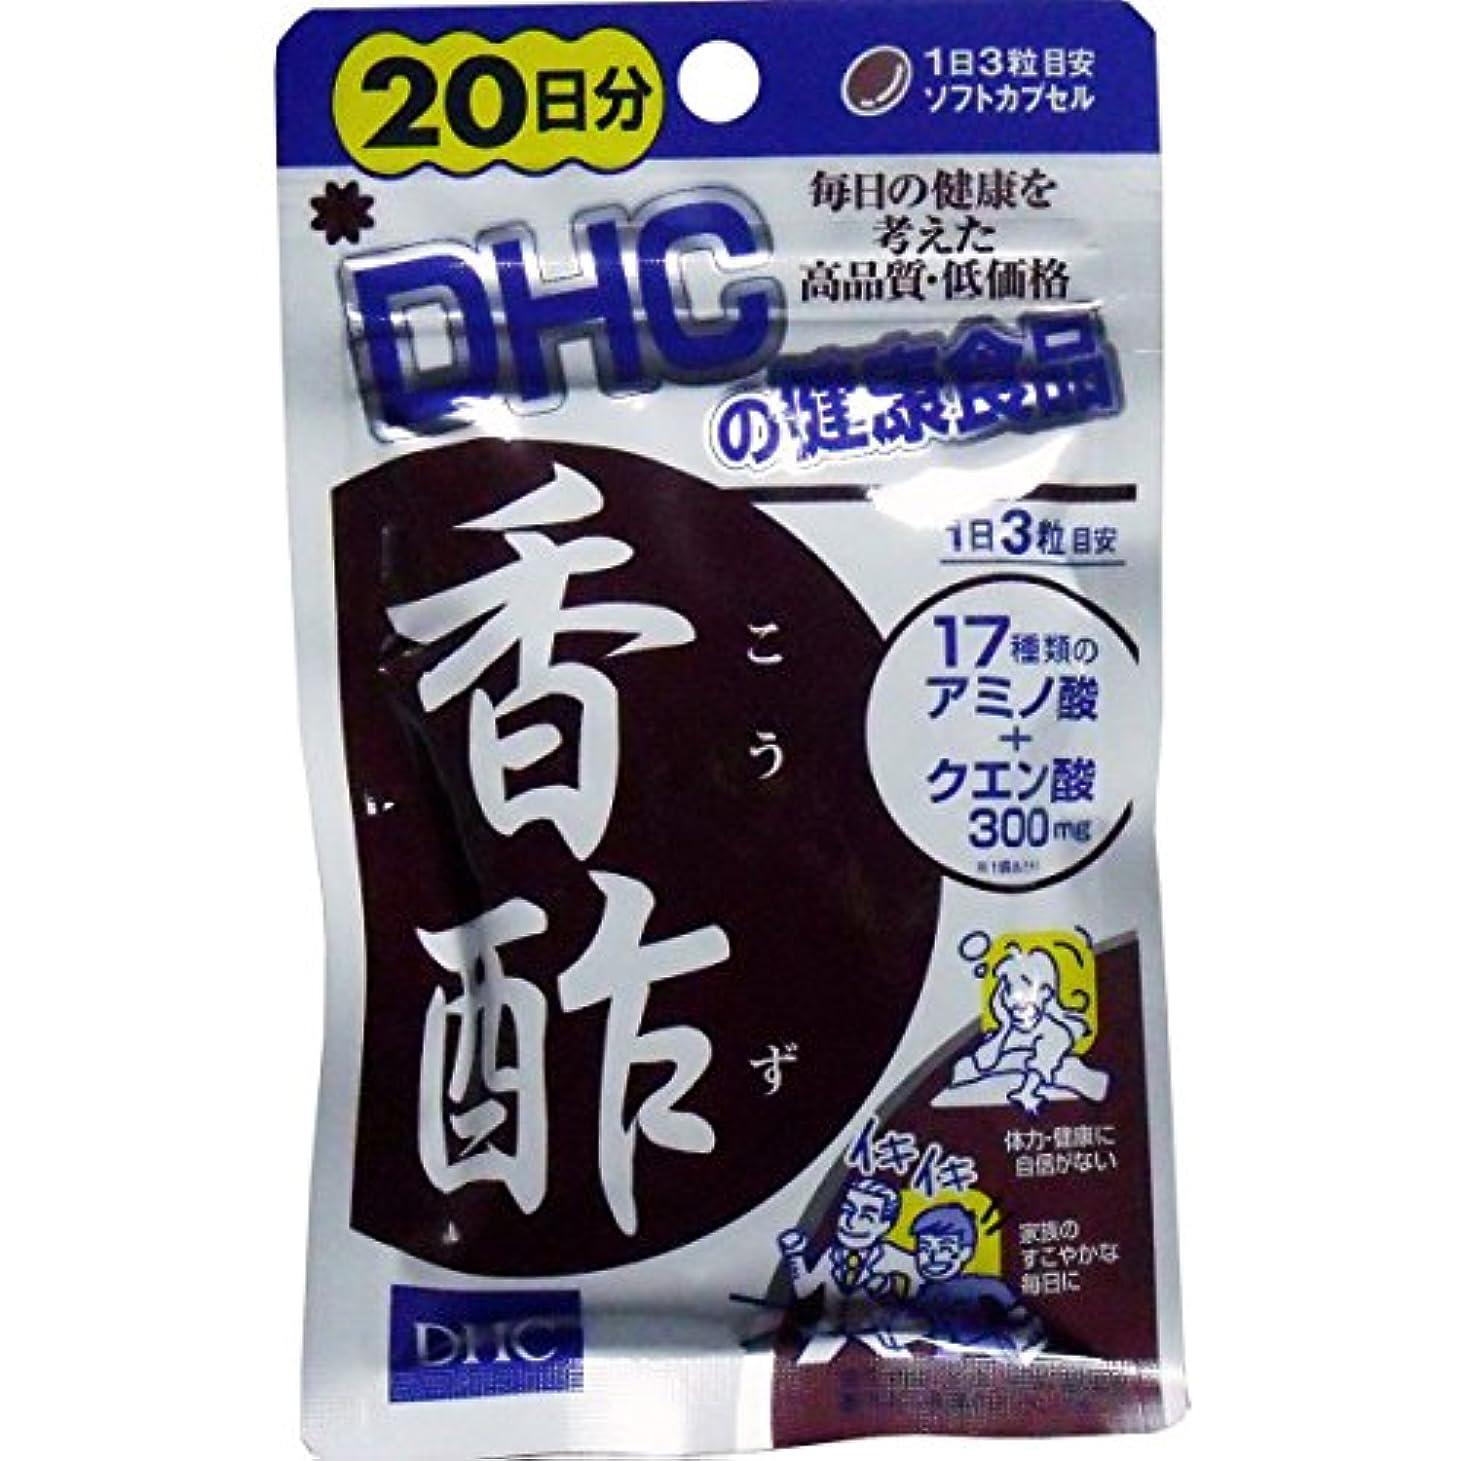 自己軍団批判的にDHC 香酢 20日分 60粒入「4点セット」